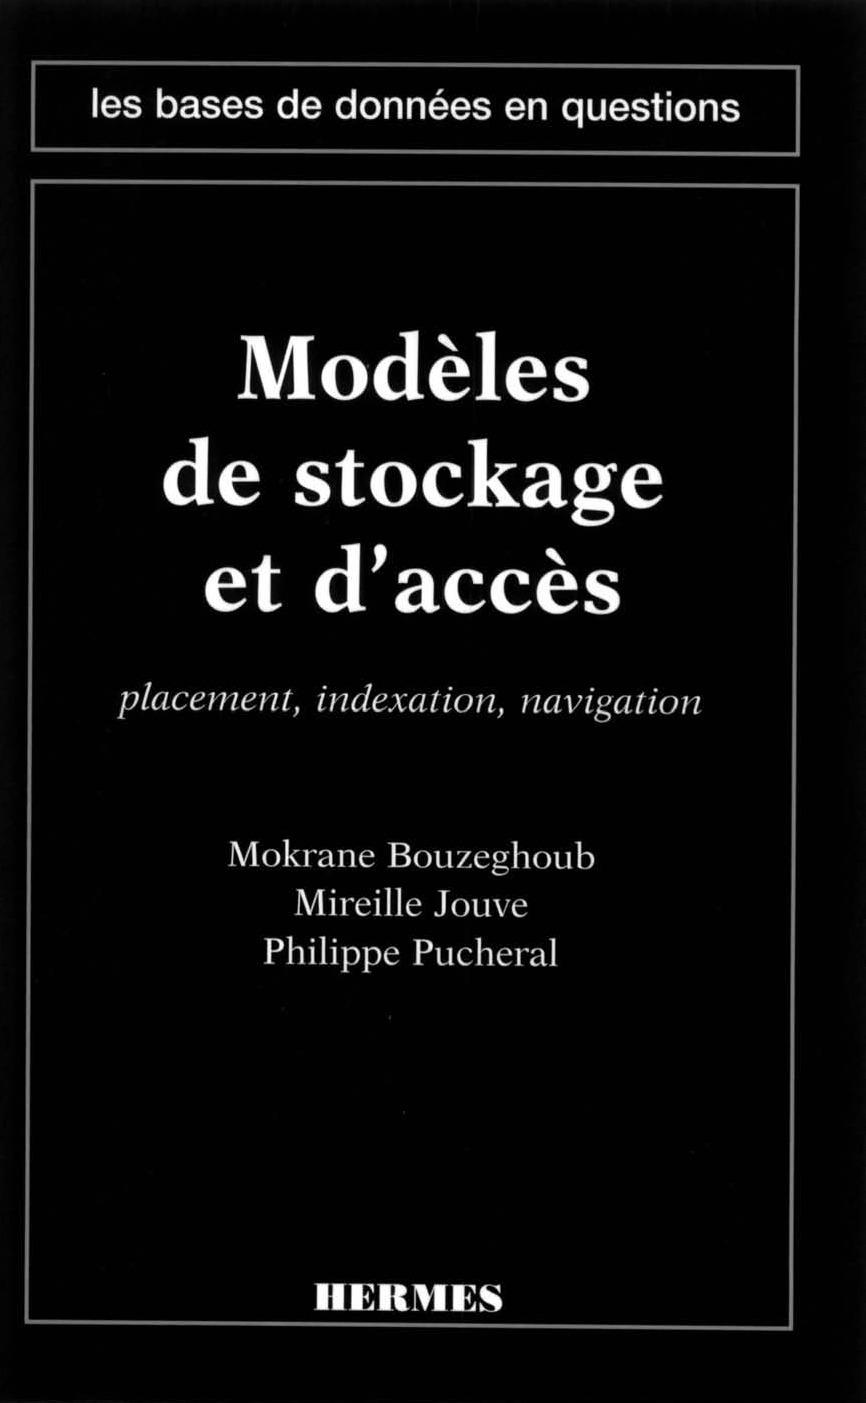 Modèles de stockage et d'accès : placement, indexation, navigation